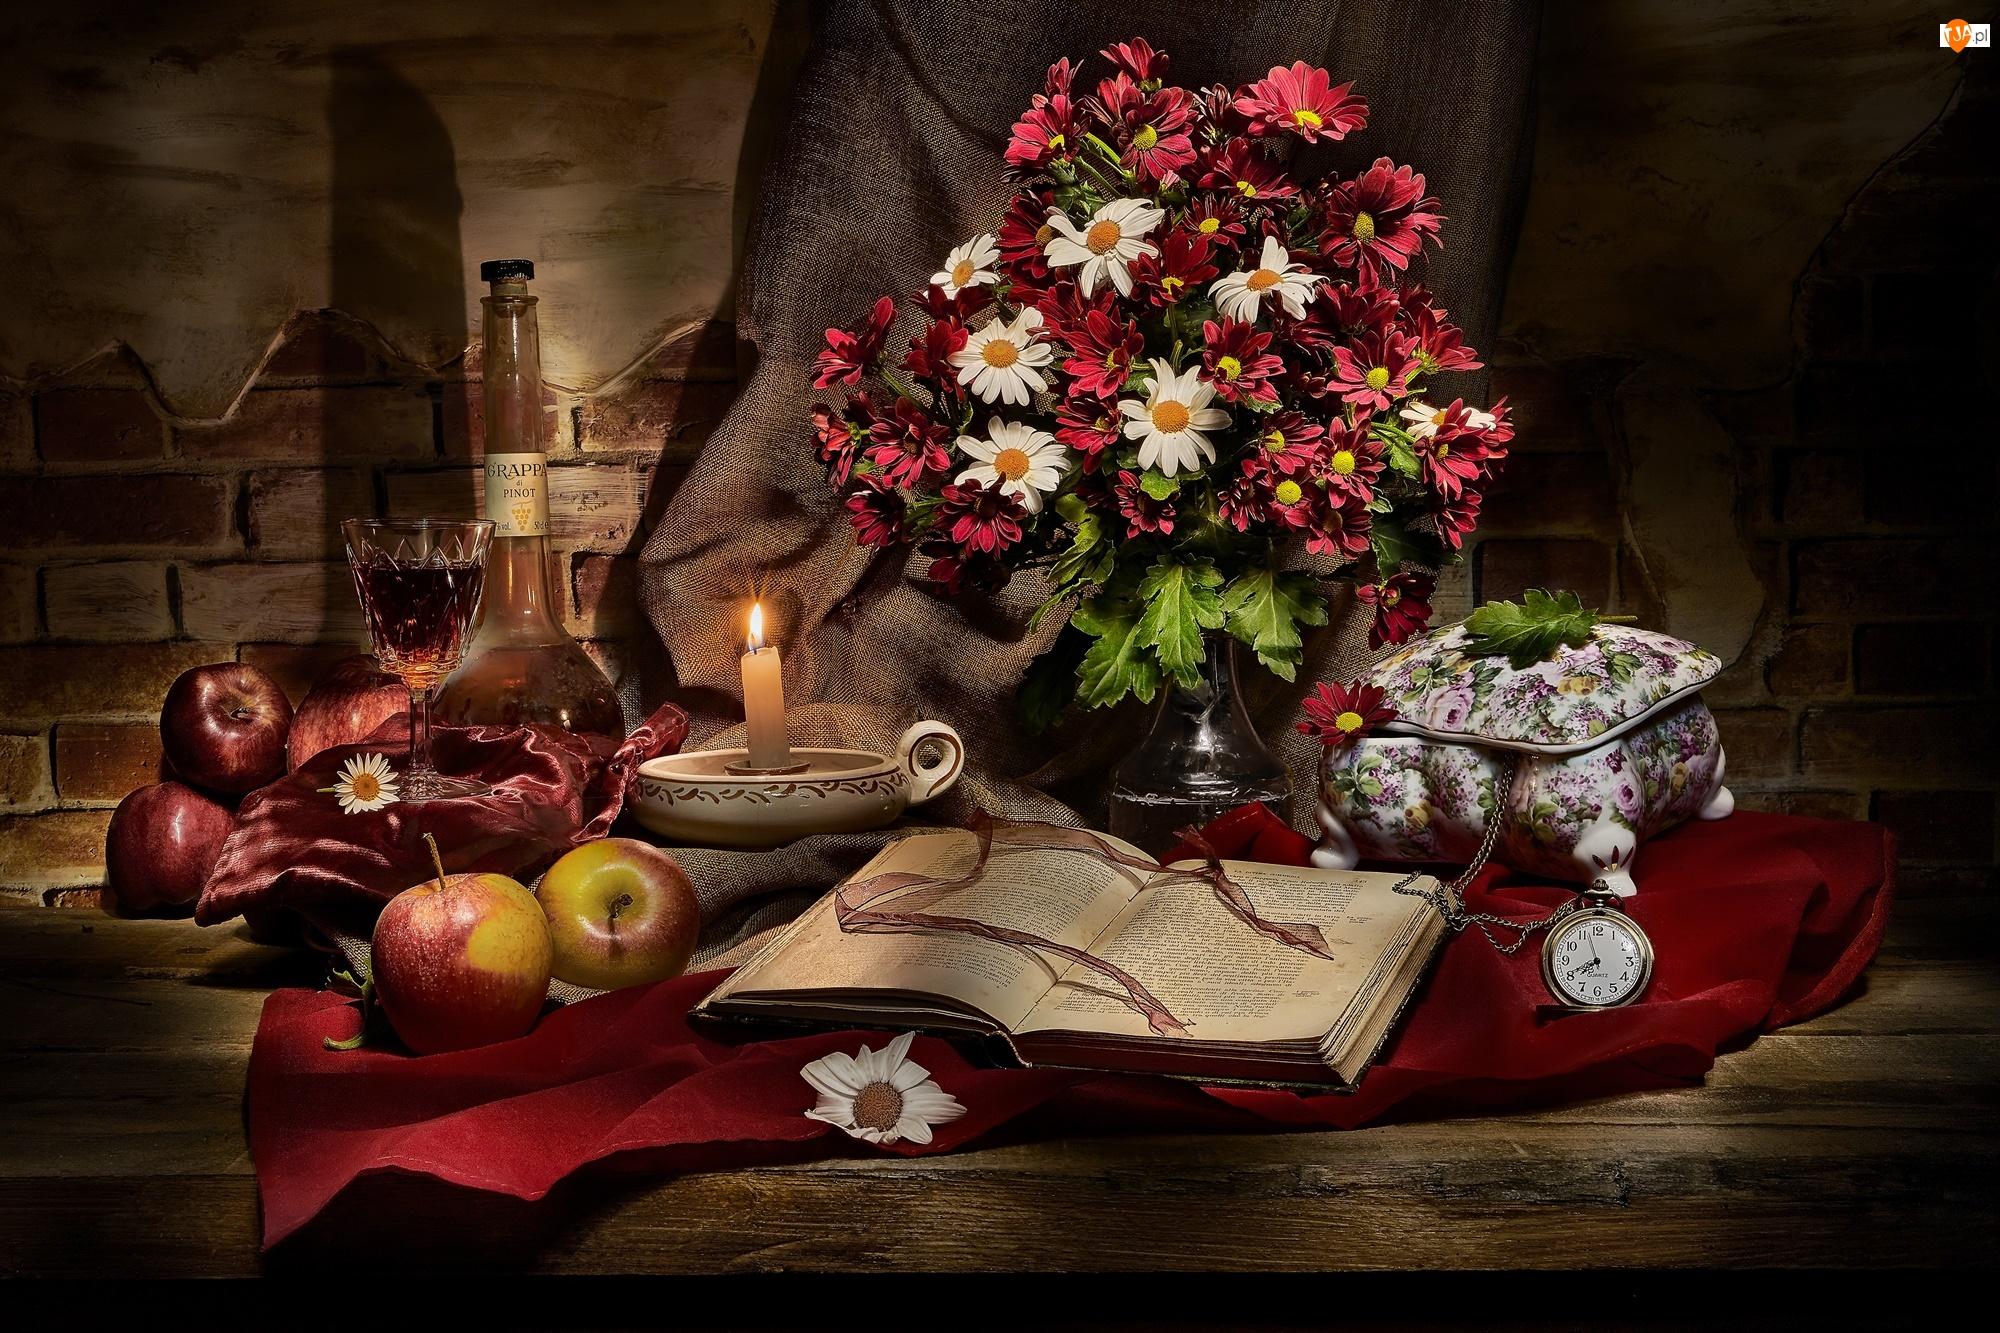 Jabłka, Kwiaty, Szkatułka, Butelka, Chryzantemy, Książka, Świeczka, Bukiet